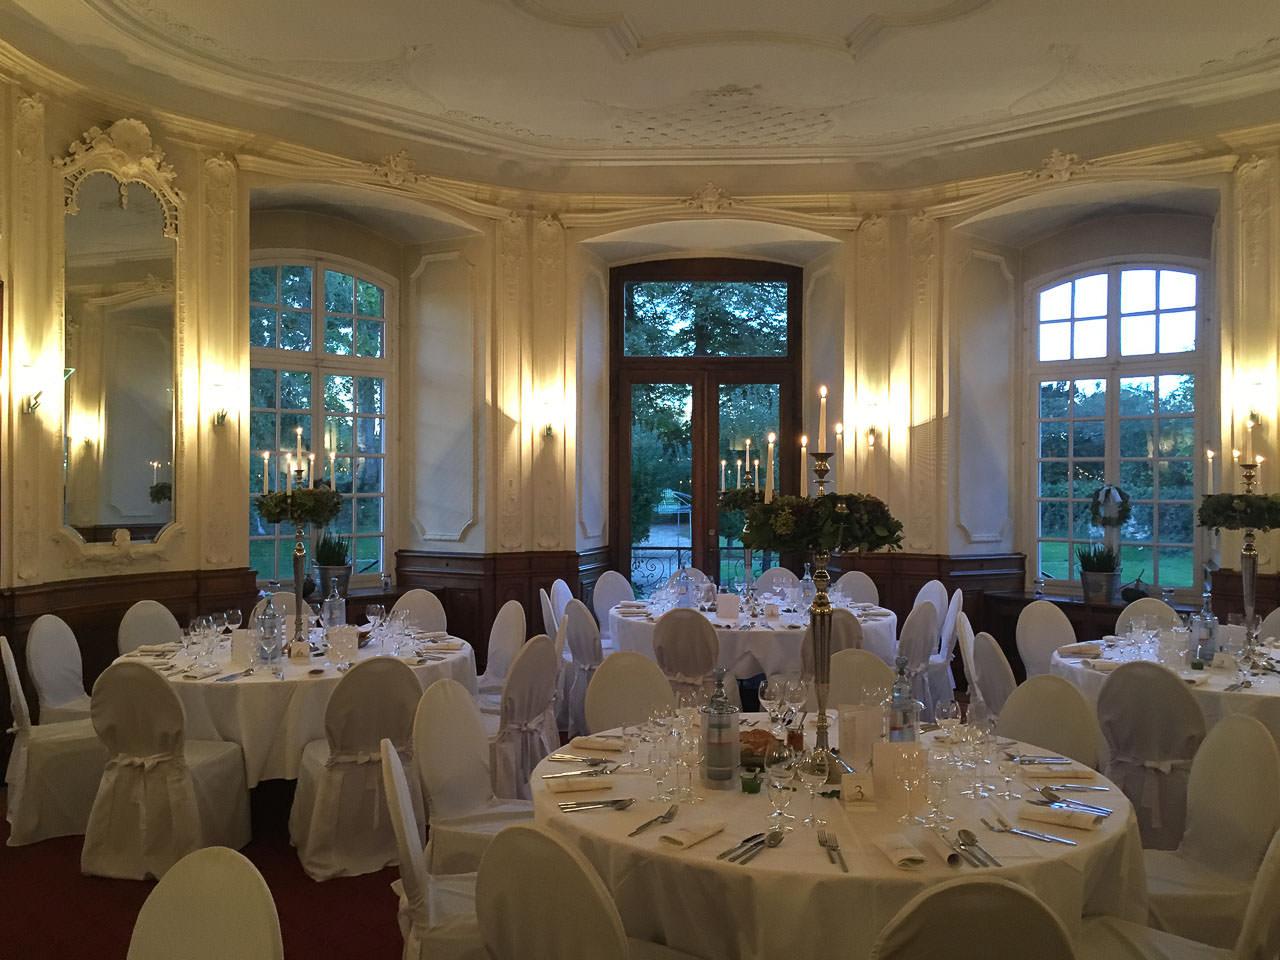 Spiegelsaal auf Schloss Eicherhof mit eingedeckten Tischen